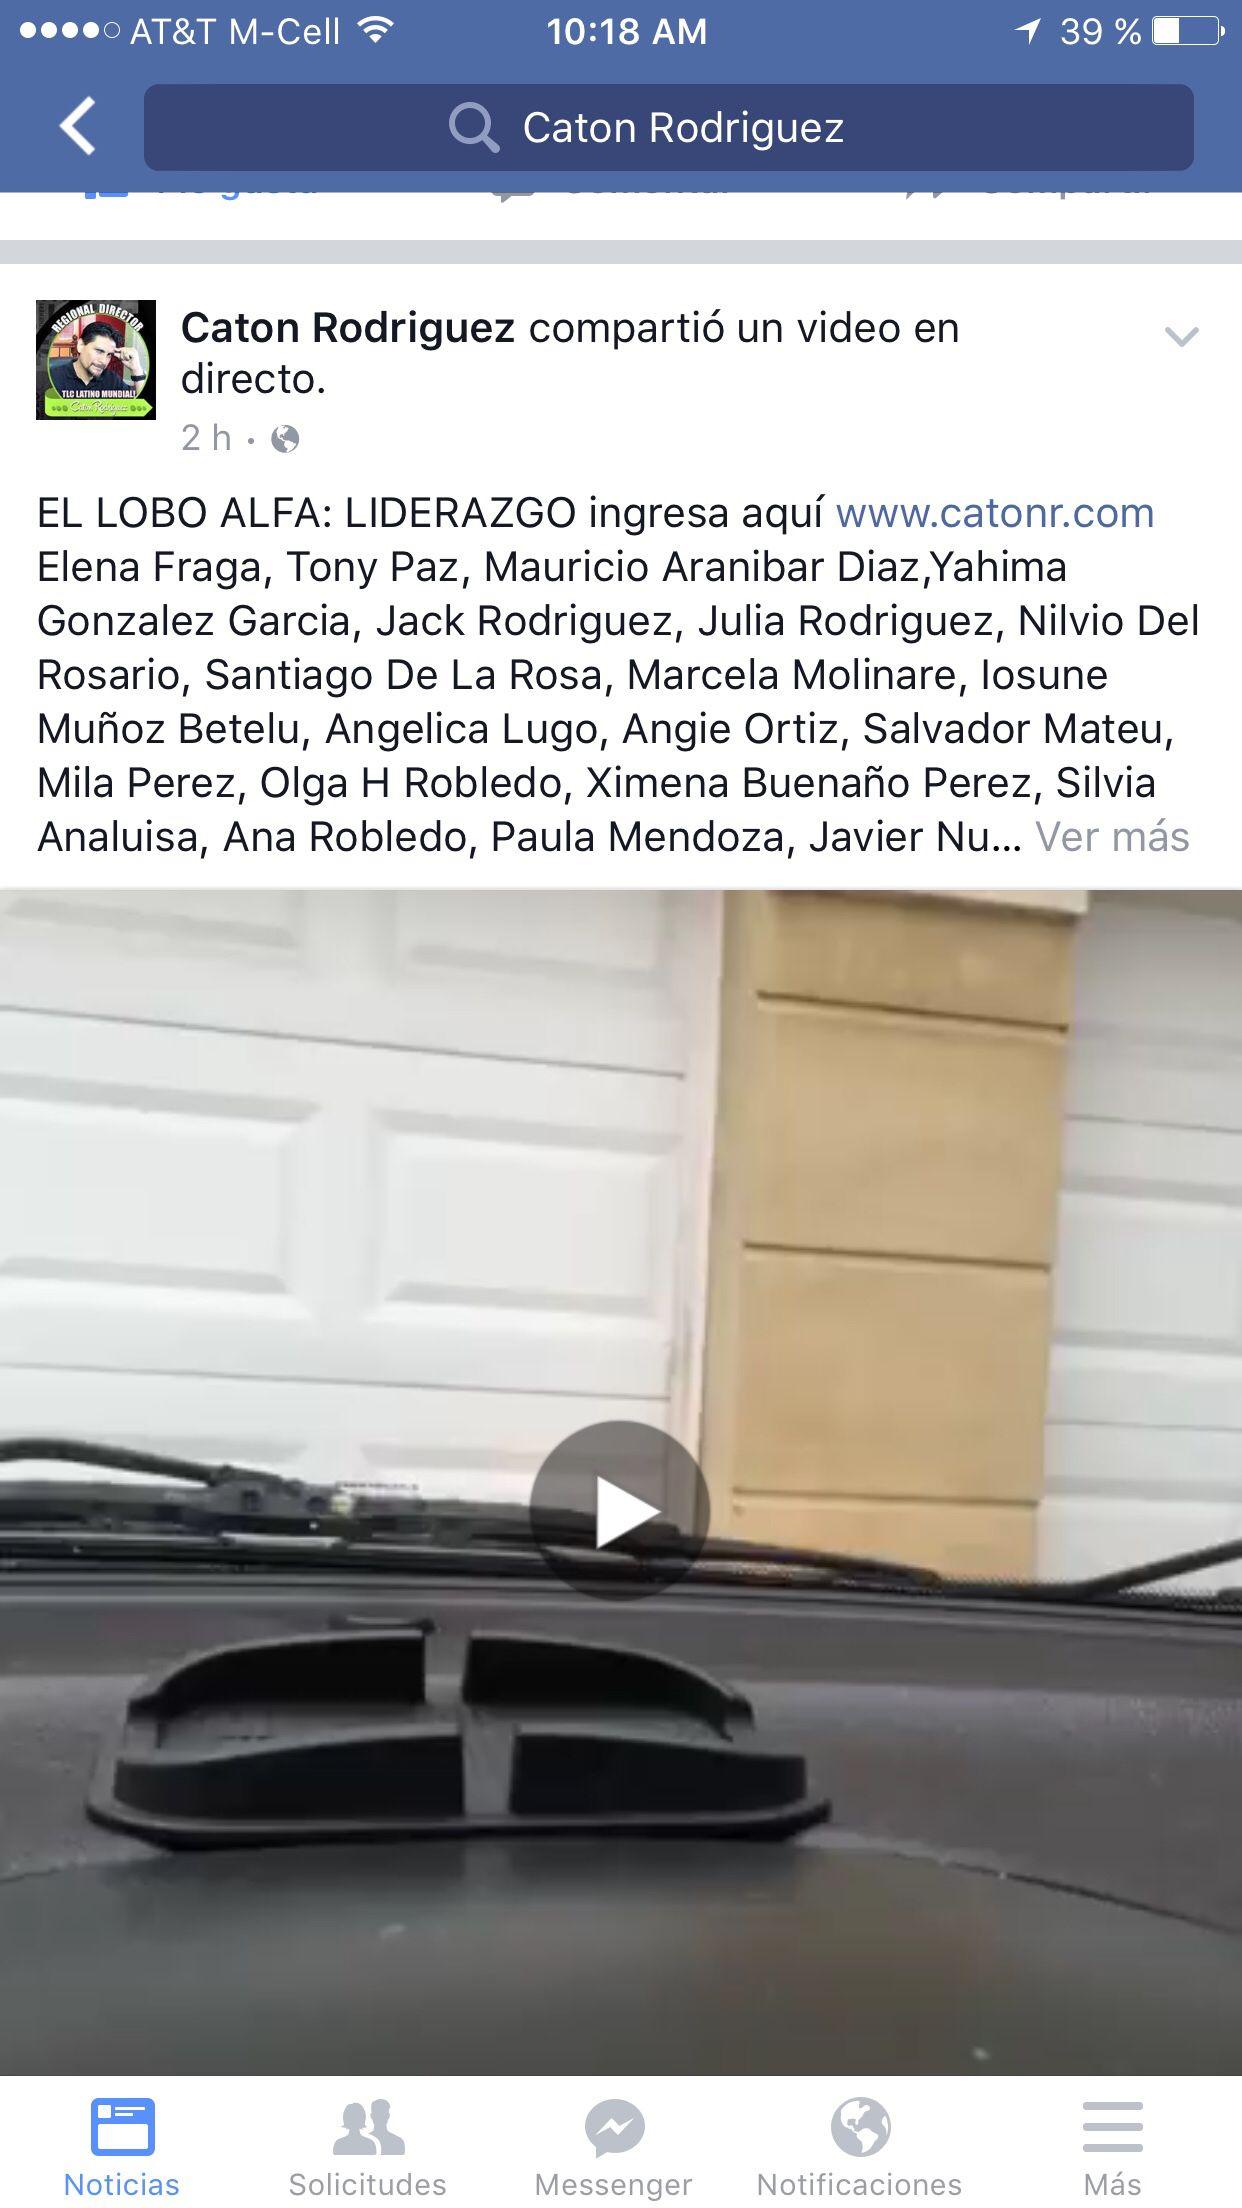 EL LOBO ALFA!! LA NATURALEZA ES SABIA!! CÓPIALA! https://www.facebook.com/catonrre/videos/10205499553509934/